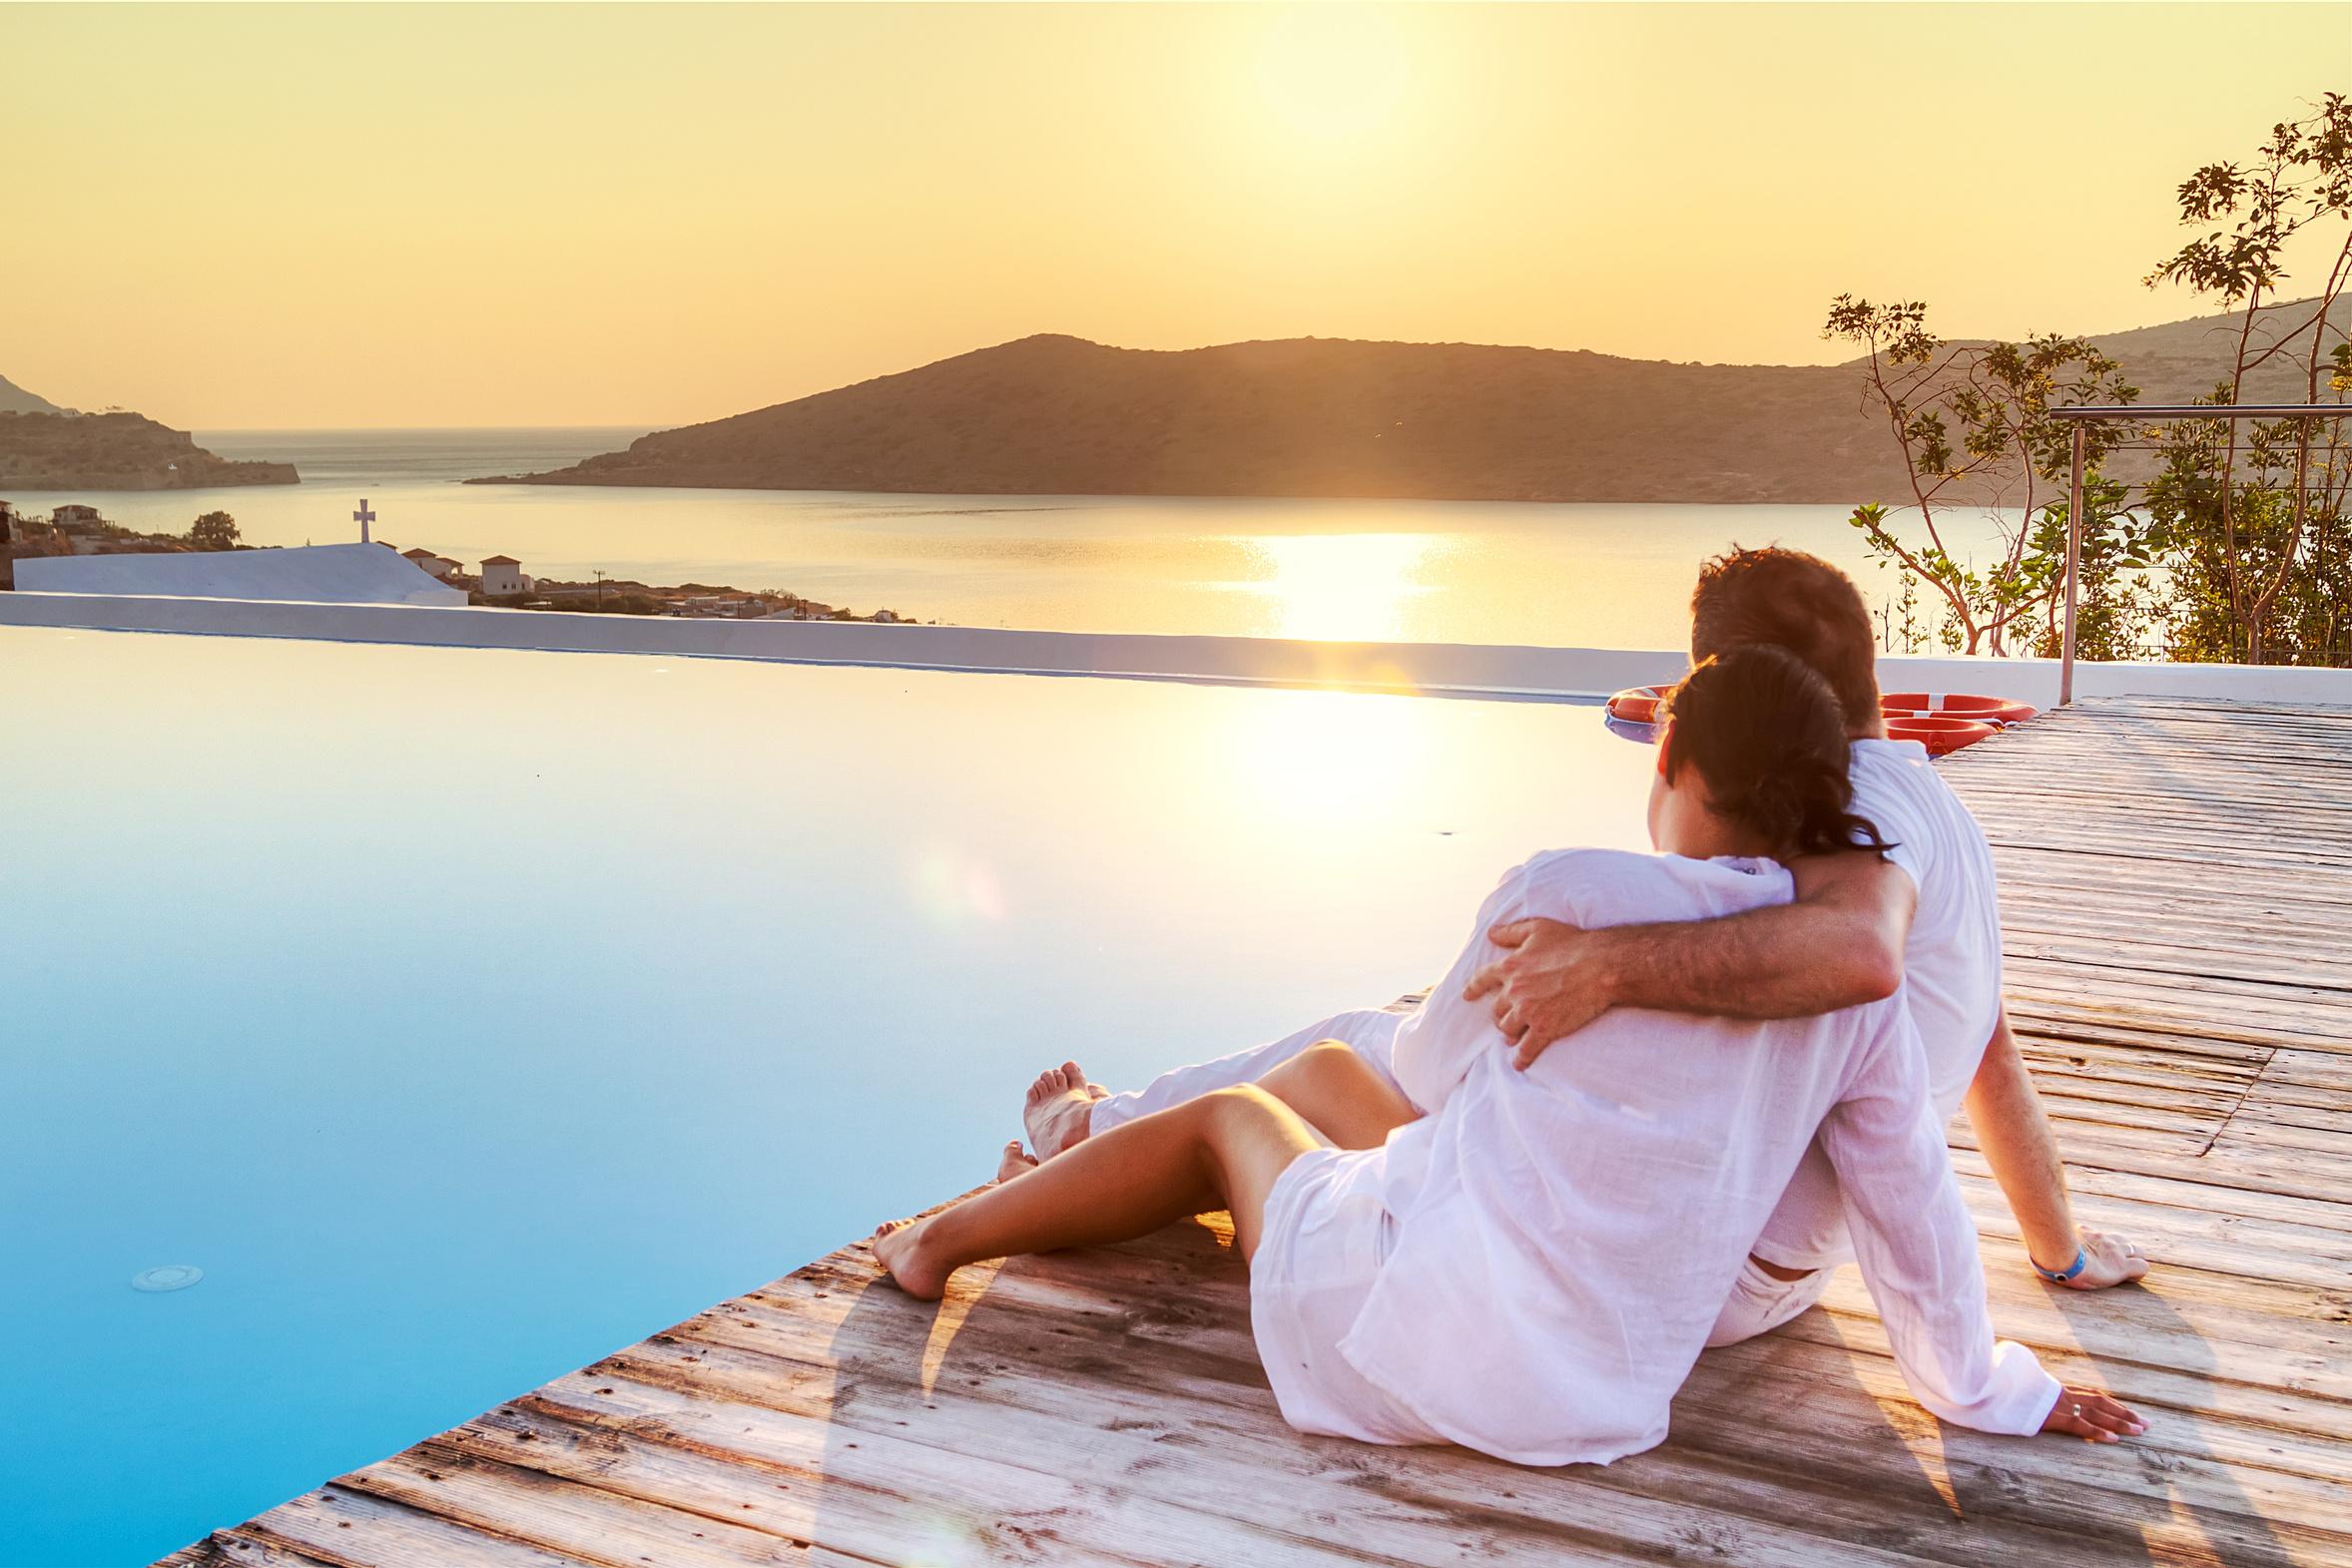 romantic love misattribution of arousal dutton aron psychology study